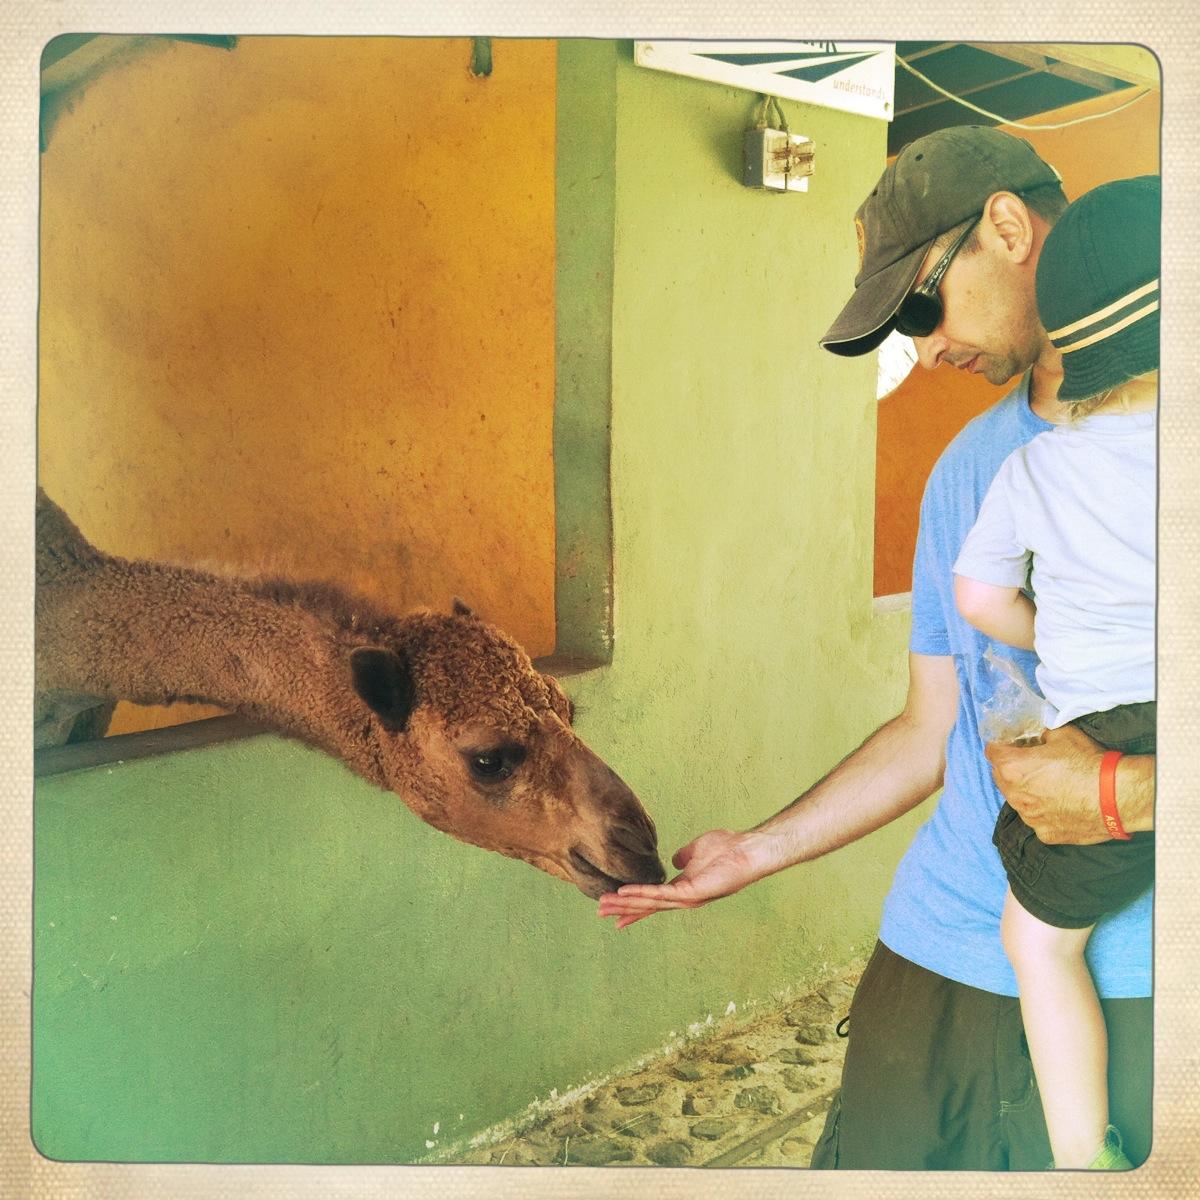 feeding a camel at animal garden